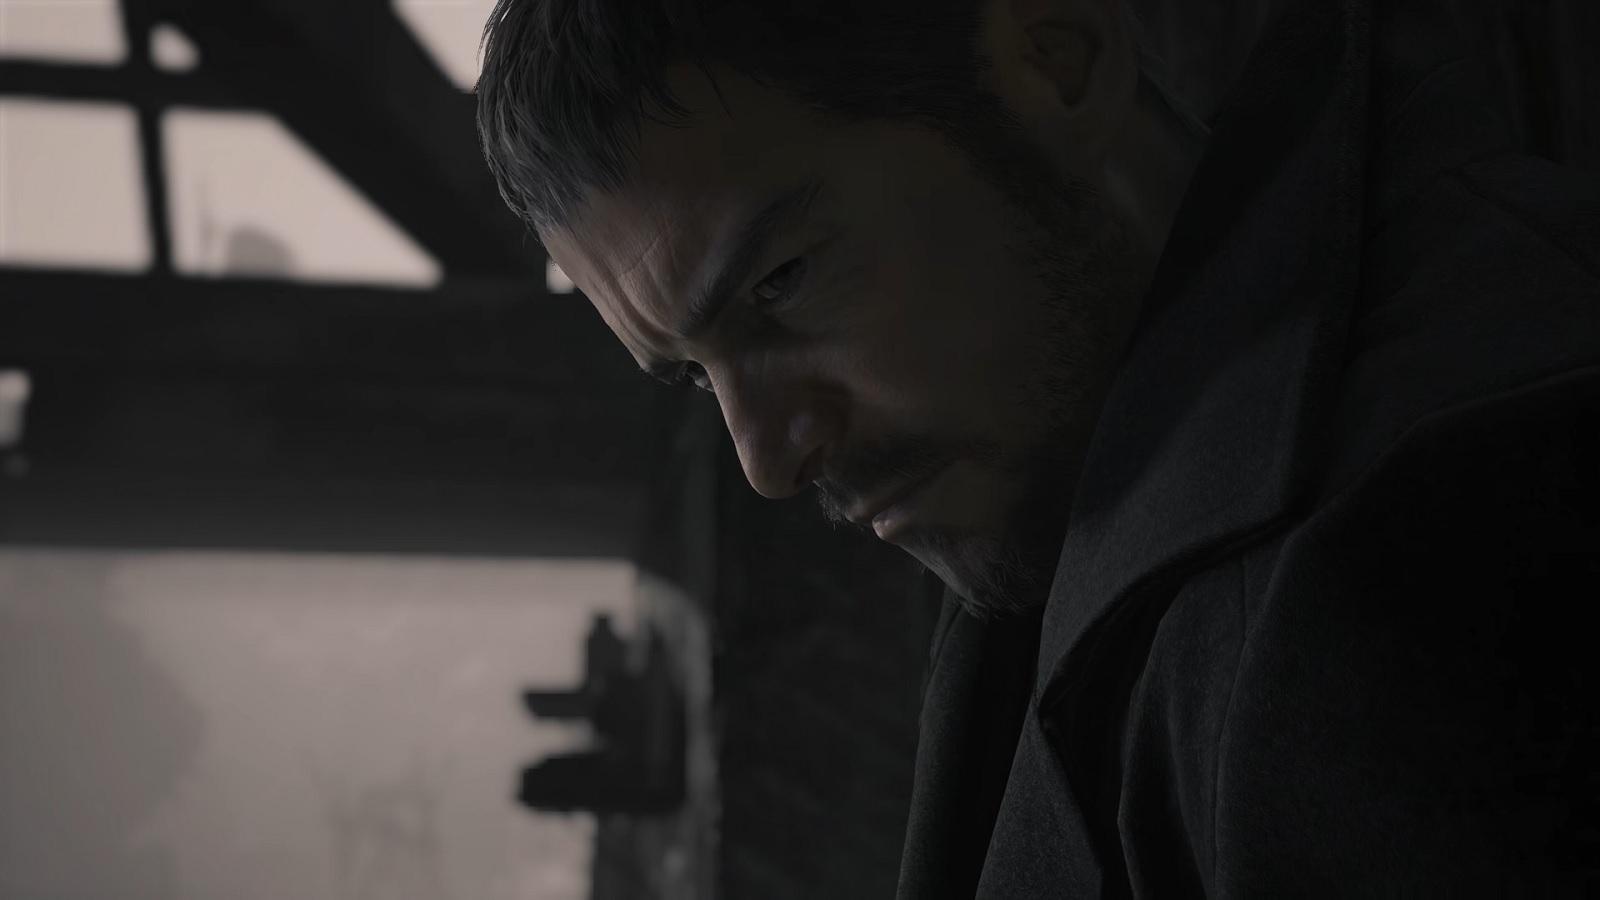 Работоспособность Resident Evil Village проверили на ПК без дискретной видеокарты — играть можно